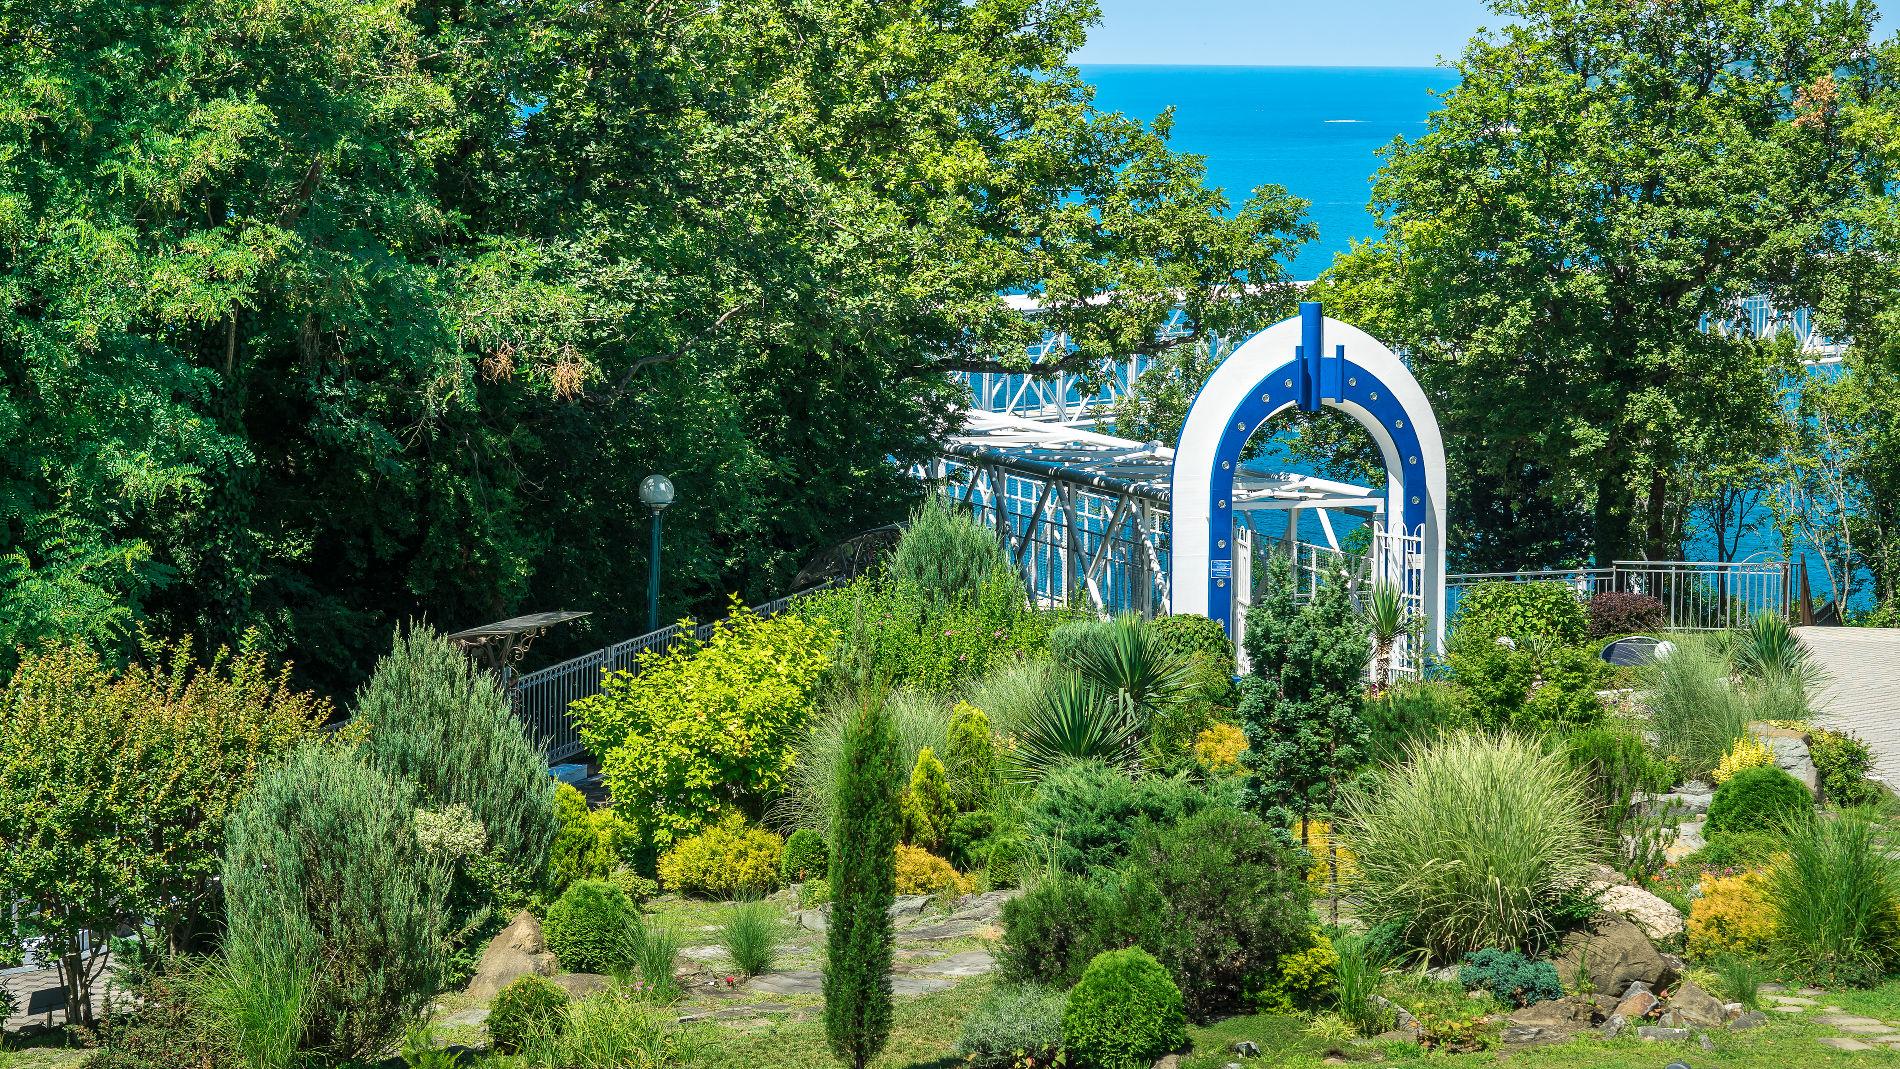 Из окон номеров «Прометея» открывается вид на морскую бухту, тенистые аллеи и ухоженные цветники парковой территории комплекса, где гуляют павлины и живут еноты